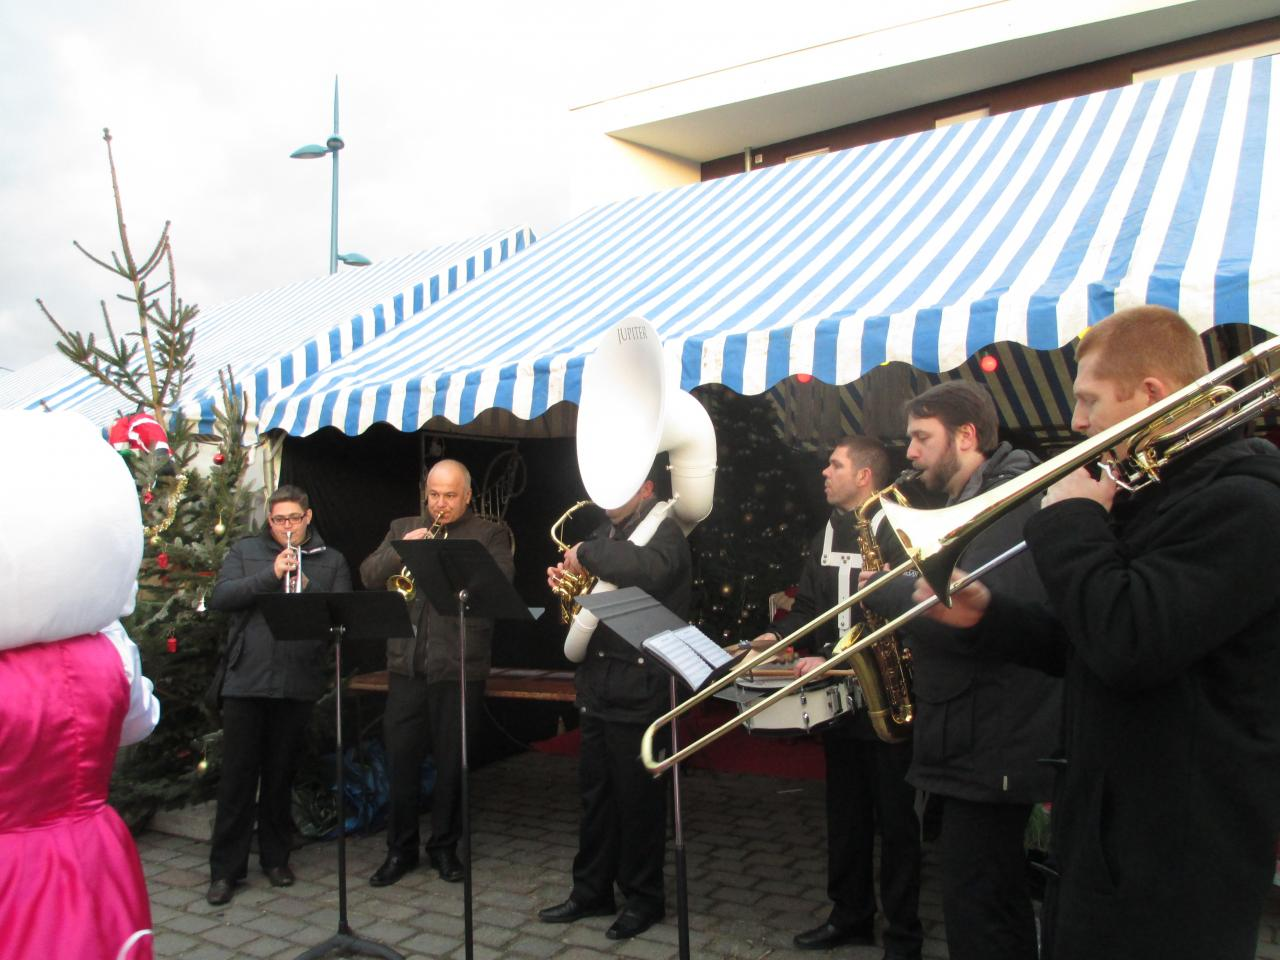 L'orchestre MusicAzimut  déambulent dans le marché